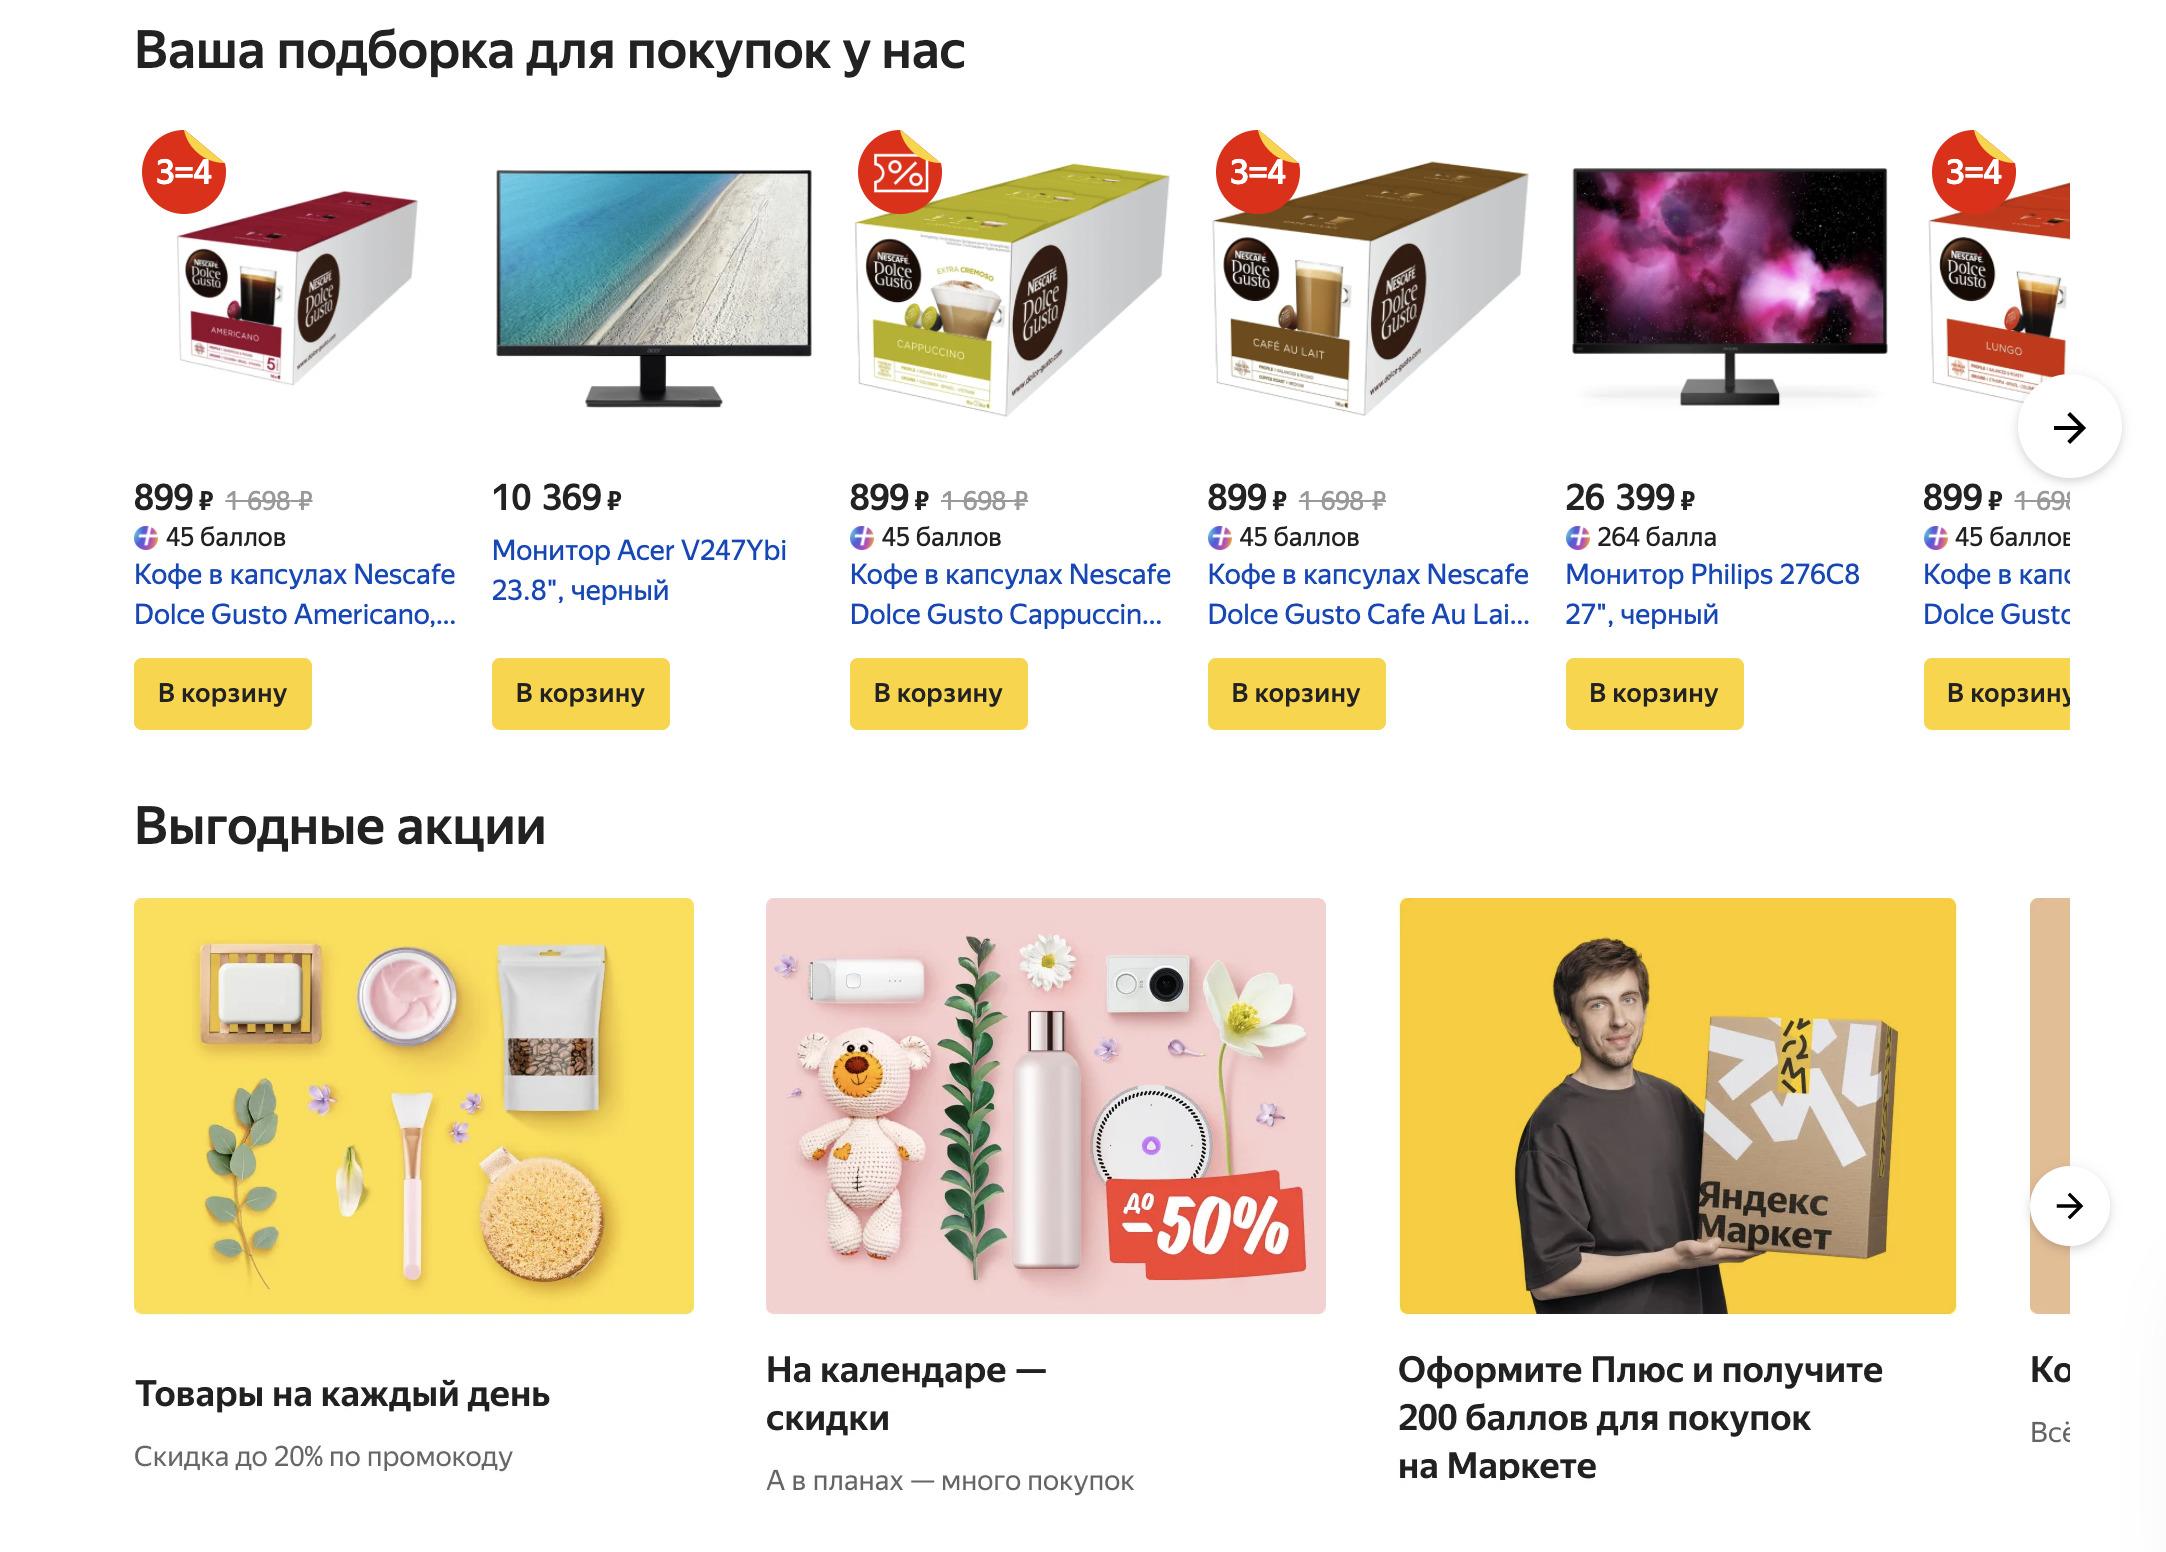 Доставка из Яндекс.Маркет в Архангельскую область, сроки, пункты выдачи, каталог